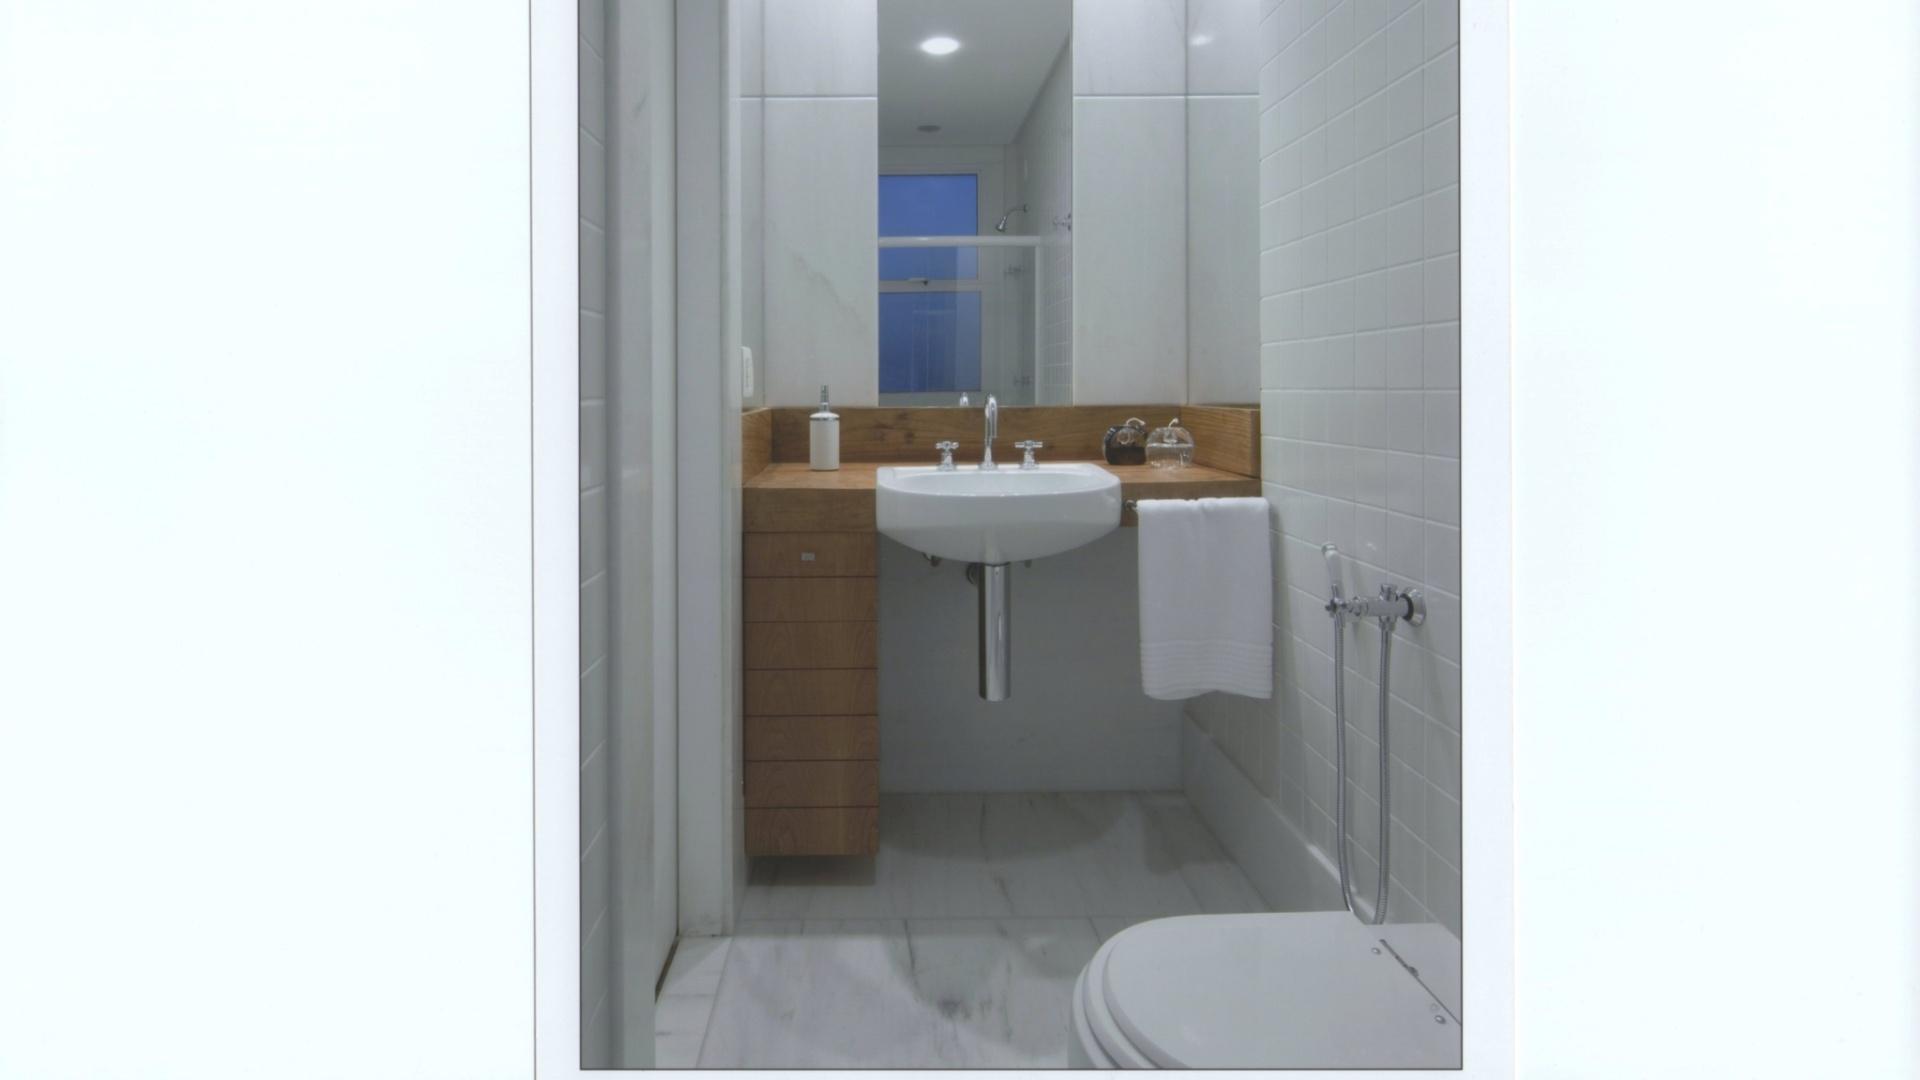 Como o banheiro seria usado apenas por hóspedes o projeto assinado  #2D889E 1920 1080